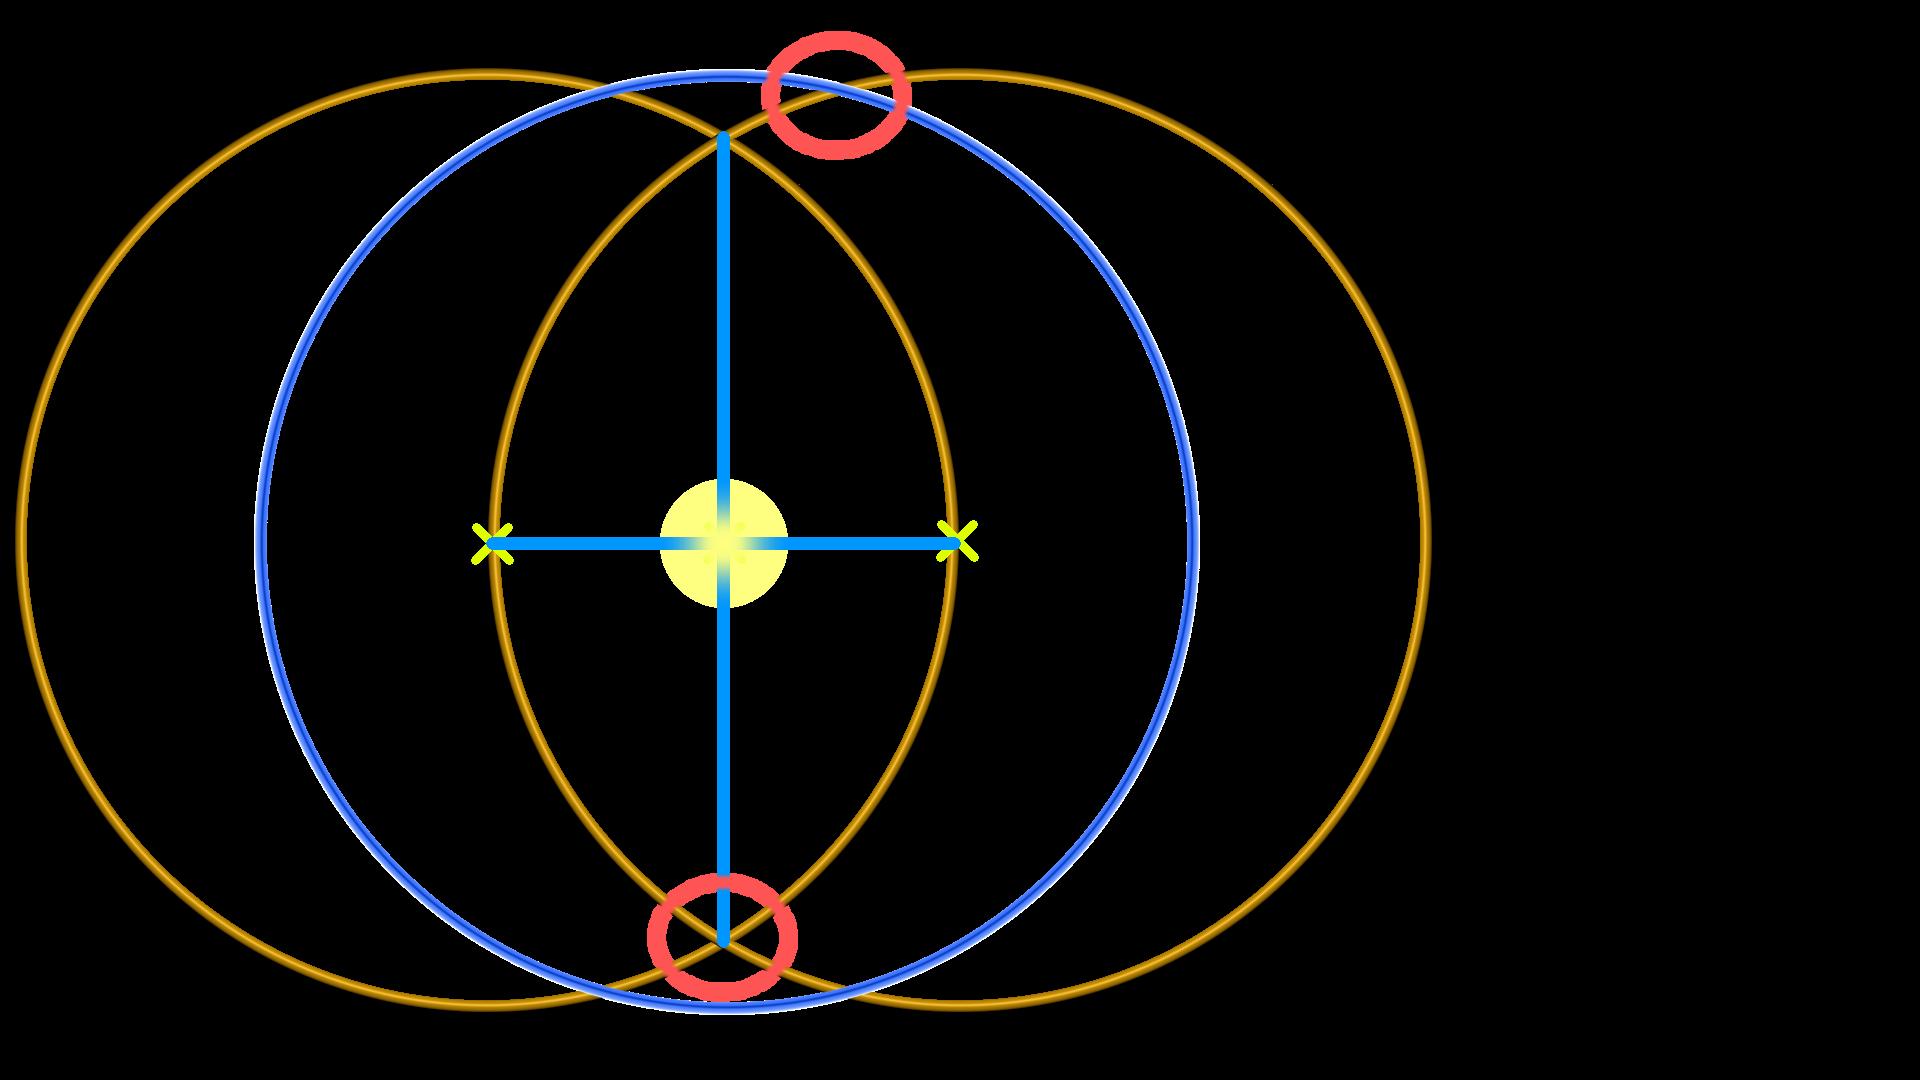 Bild zeigt drei Kreise, ein Kreuz und zwei Markierungen